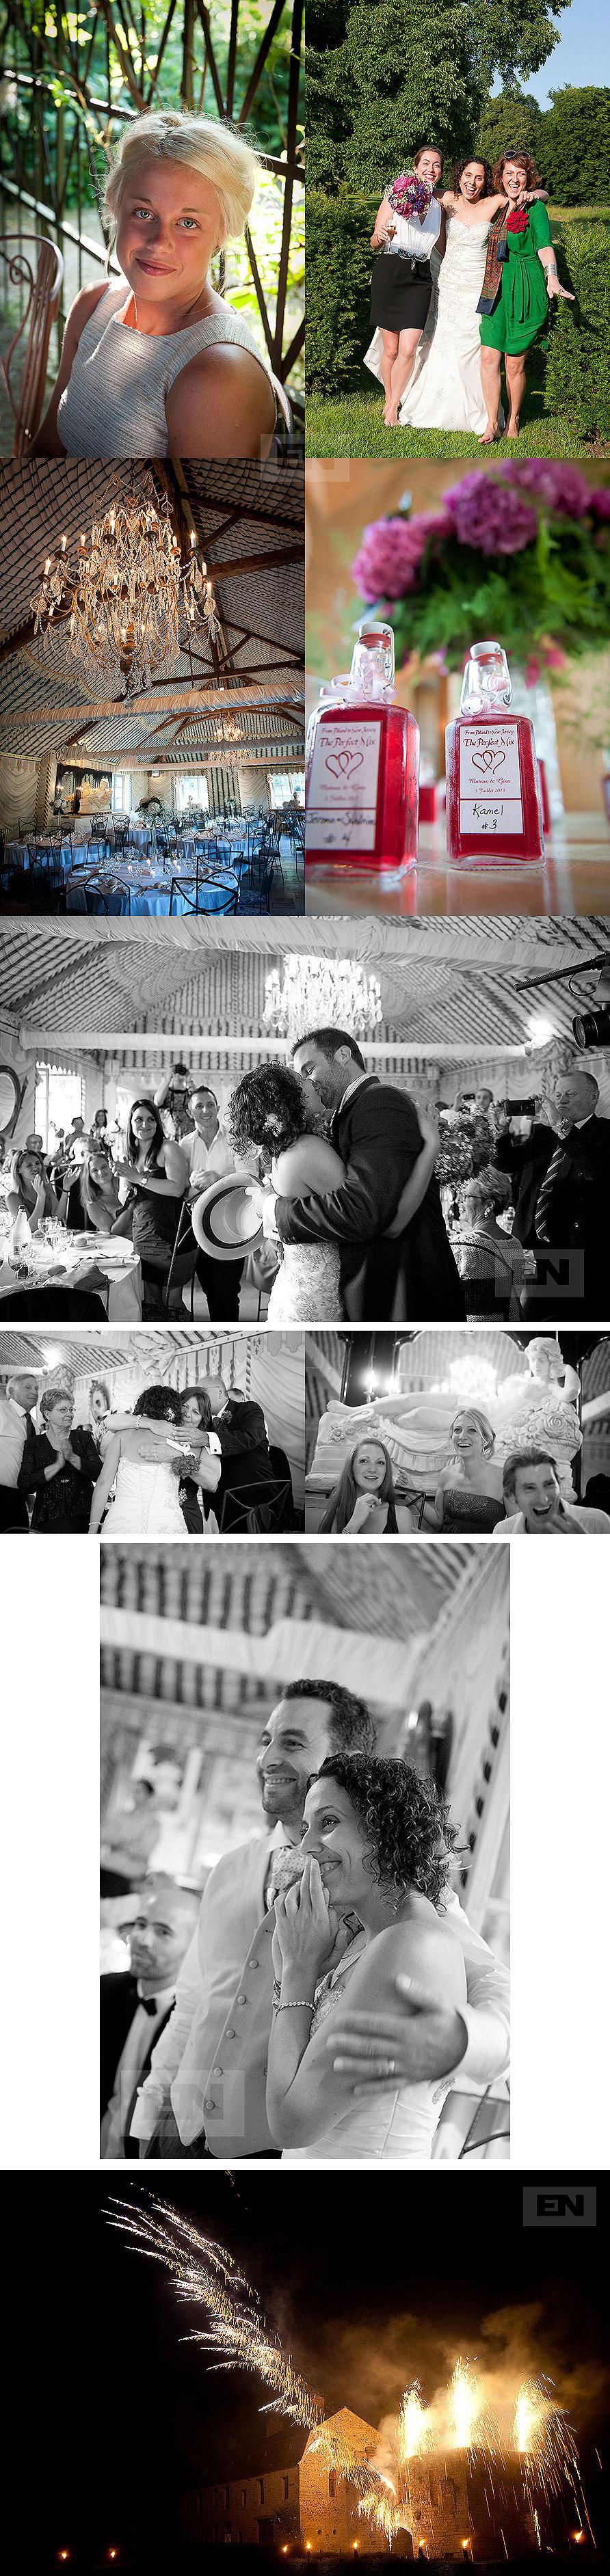 mariage-vallery-encrenoire-016